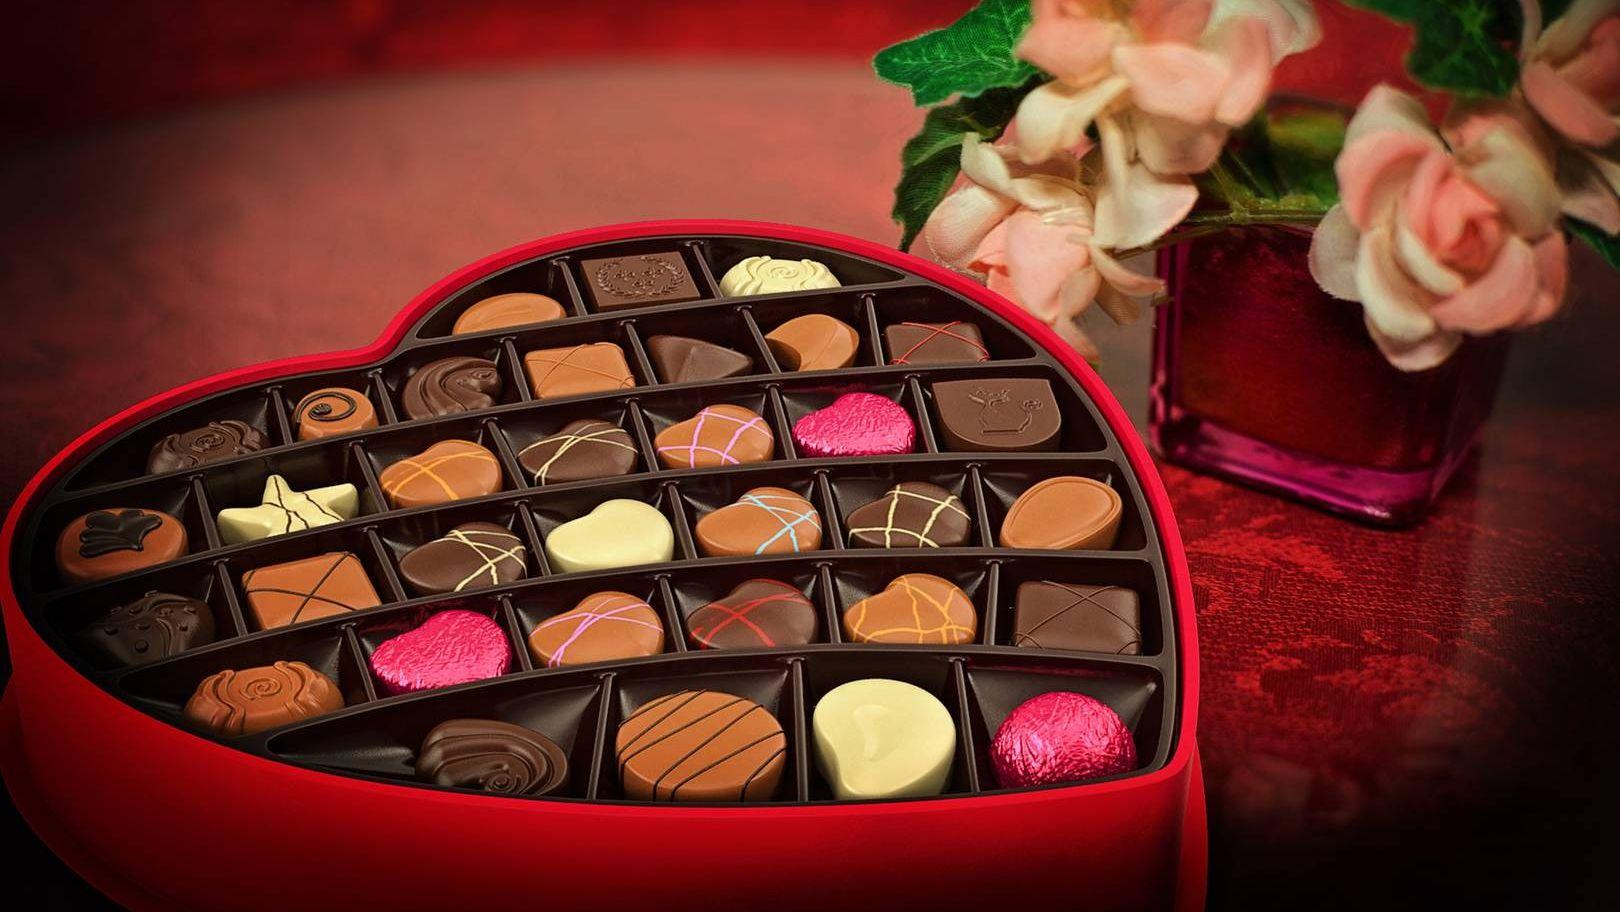 Открытки конфеты в красивых коробках, большого